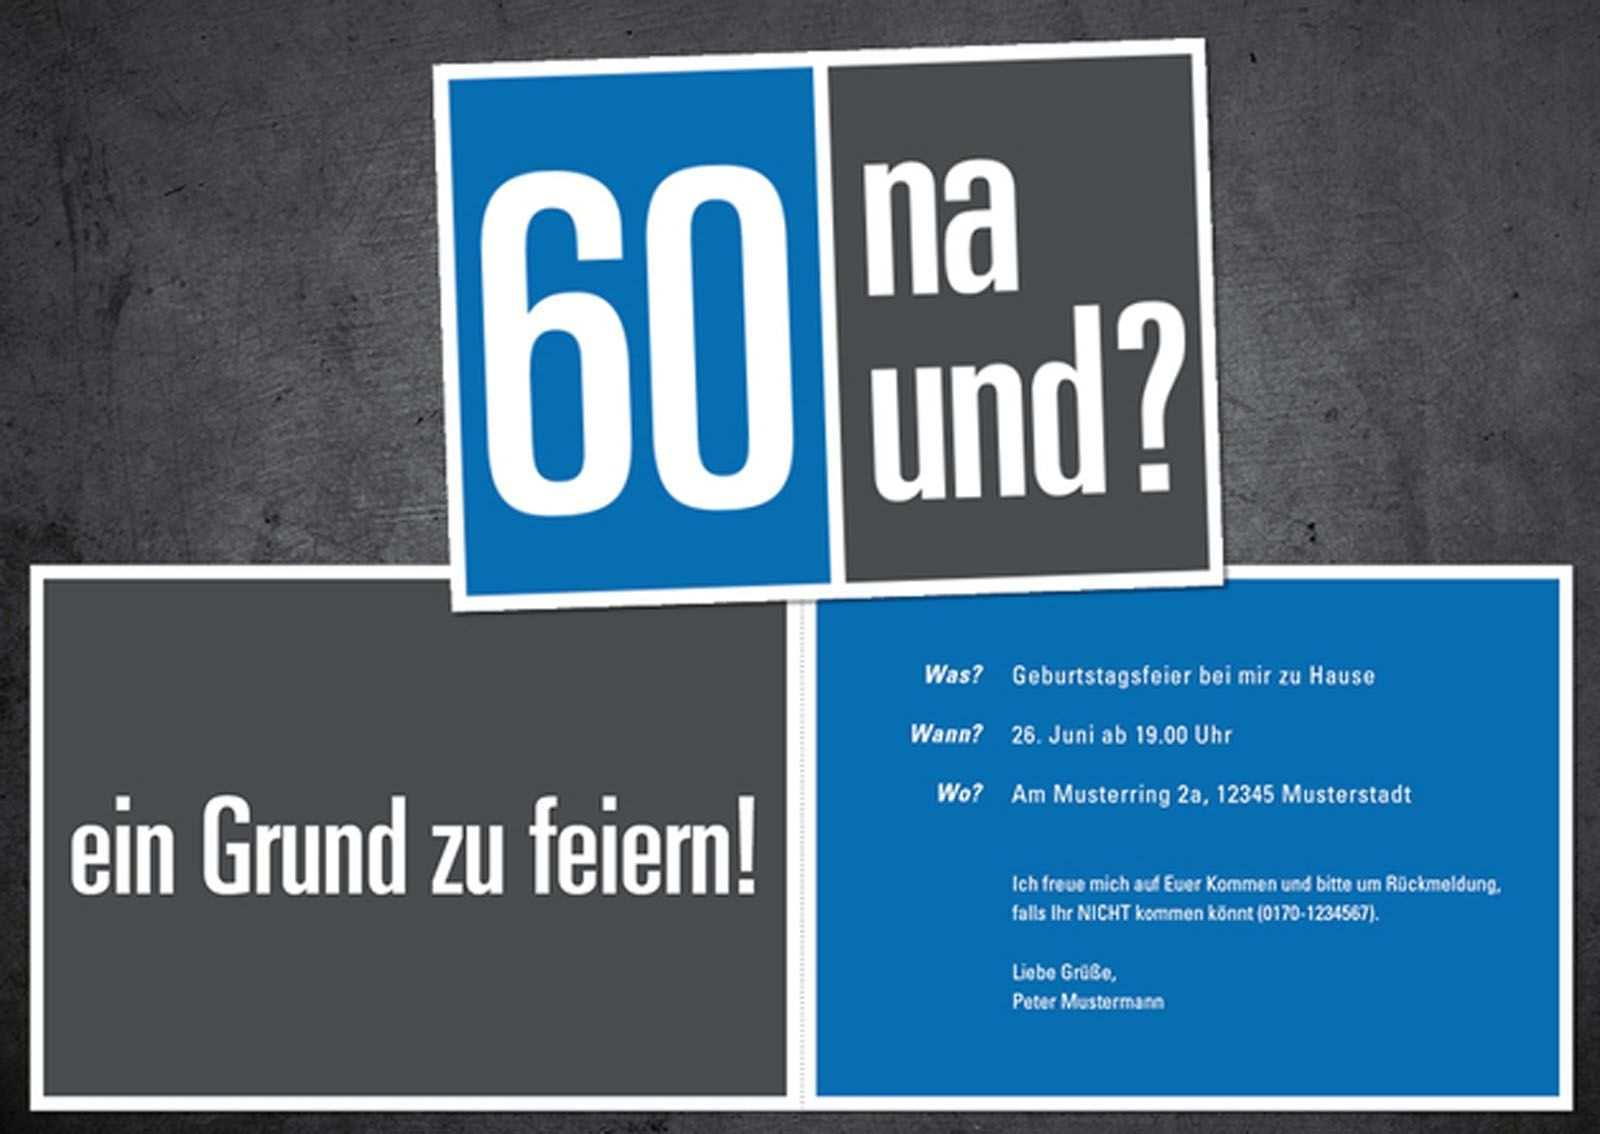 Einladungen Zum 60 Geburtstag Kostenlos Ausdrucken Einladung 60